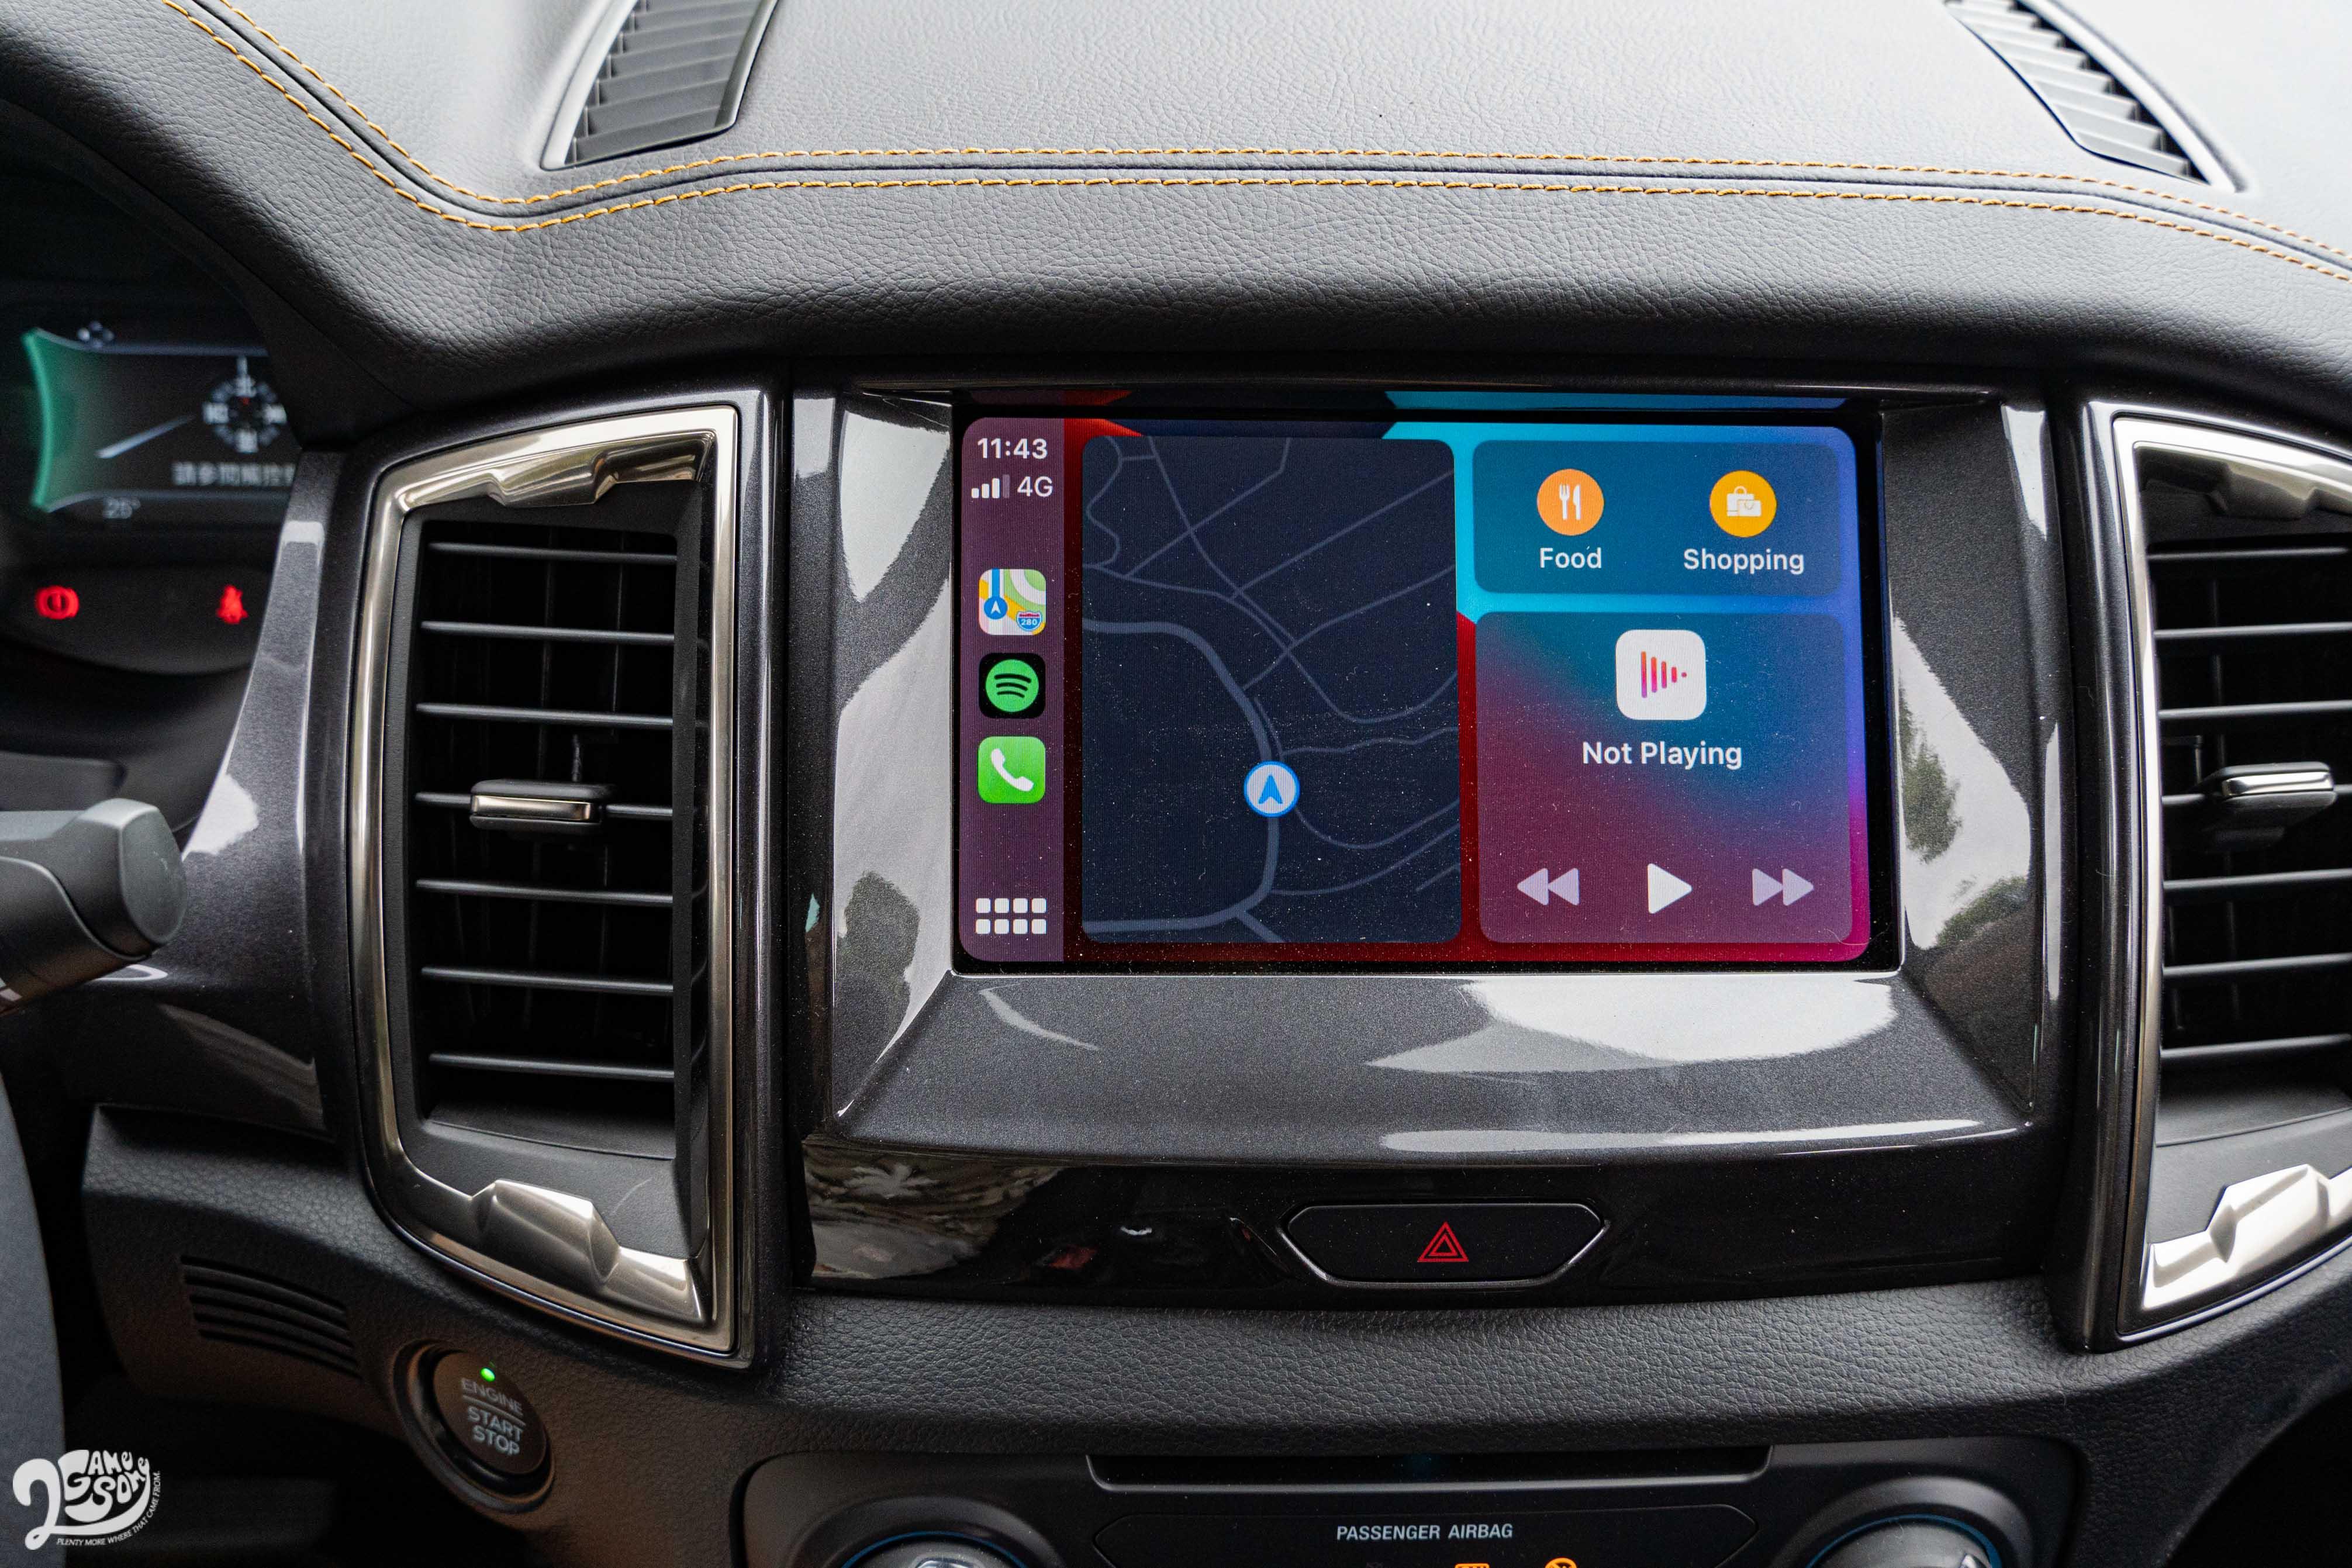 SYNC 3 系統的8吋觸控螢幕支援 Apple CarPlay 與 Android Auto。